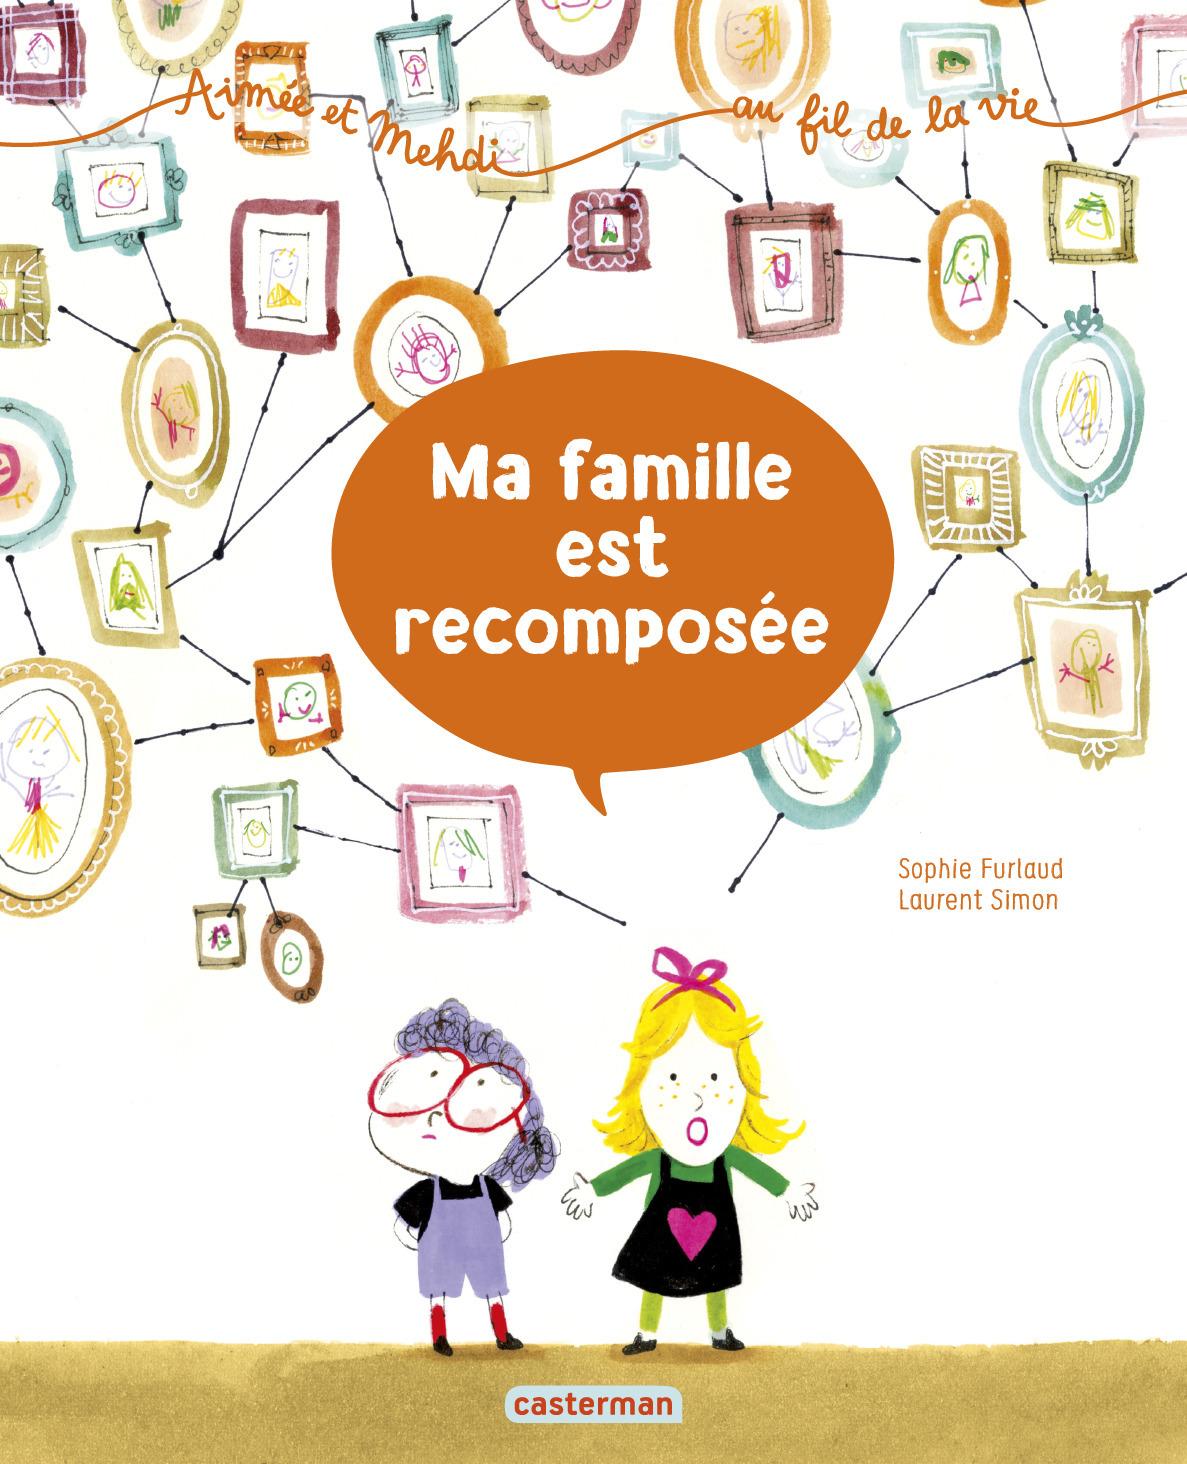 AIMEE ET MEHDI... AU FIL DE LA VIE - T04 - MA FAMILLE EST RECOMPOSEE